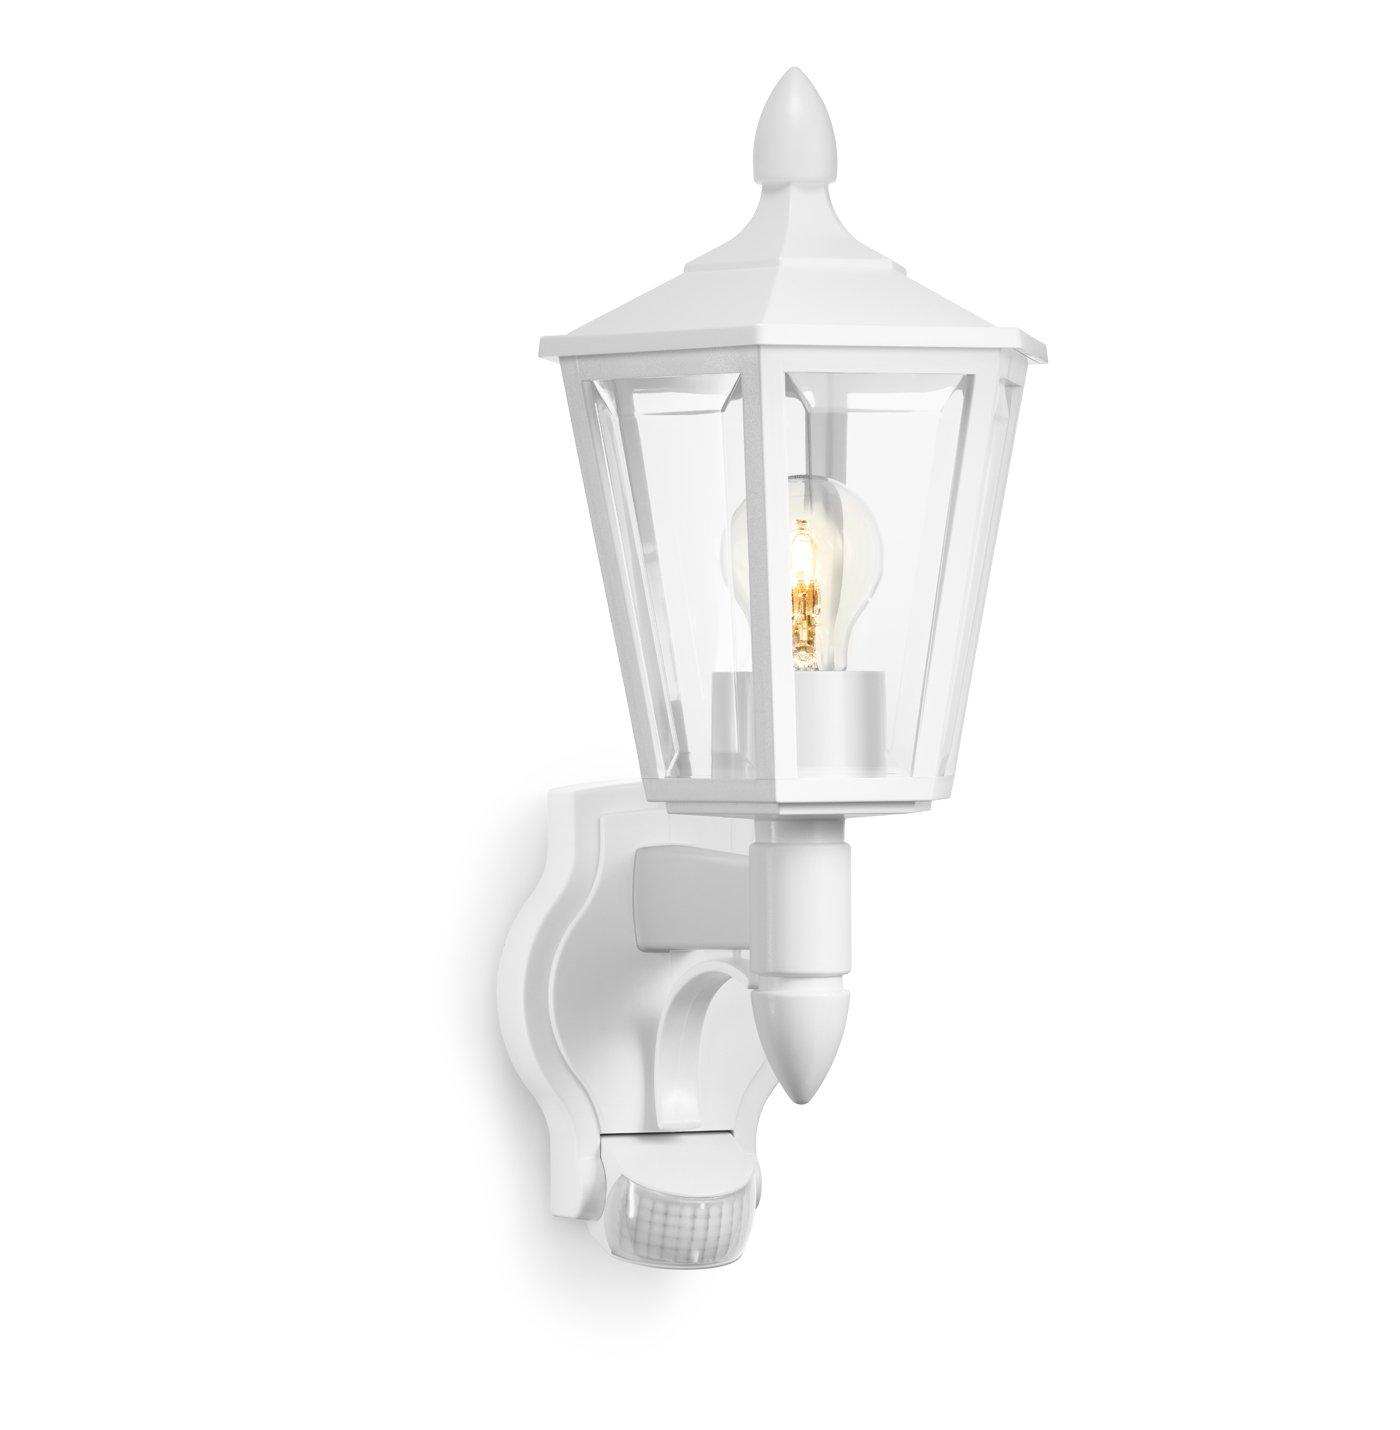 51%2BzRTNwWvL._SL1430_ Spannende Steinel Lampe Mit Bewegungsmelder Dekorationen